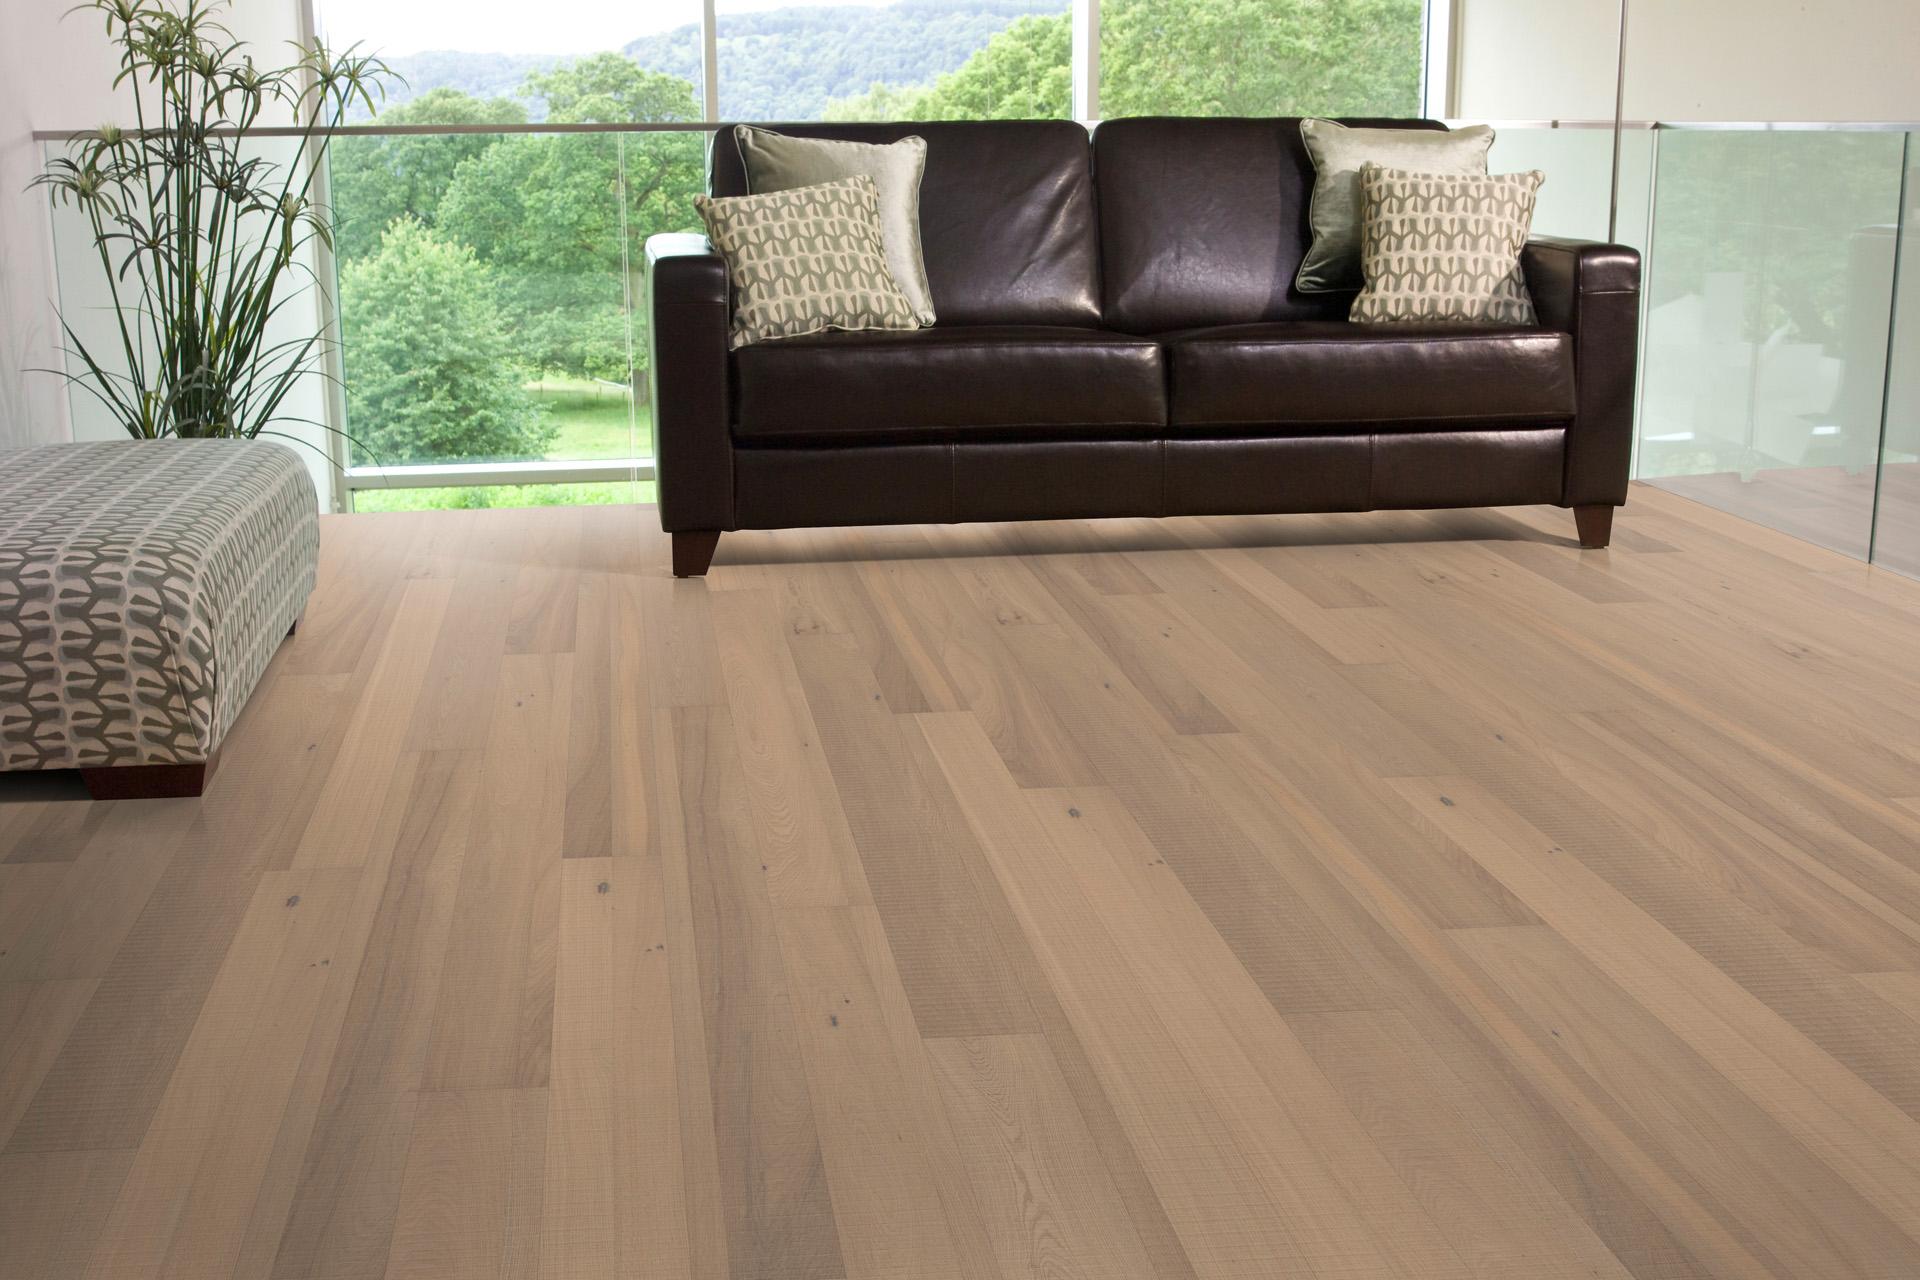 Fußboden-Verlegung: Materialbedarf und Verlegezubehör richtig berechnen